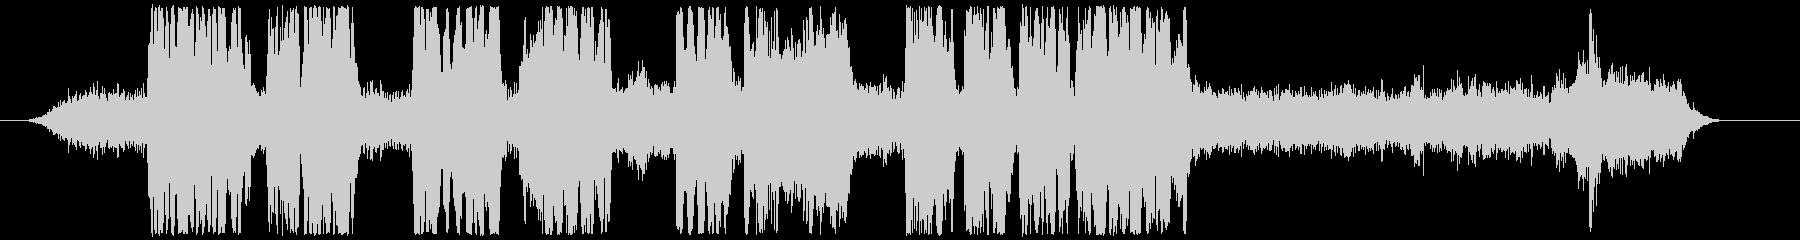 クラリーンズ・ブルズの未再生の波形